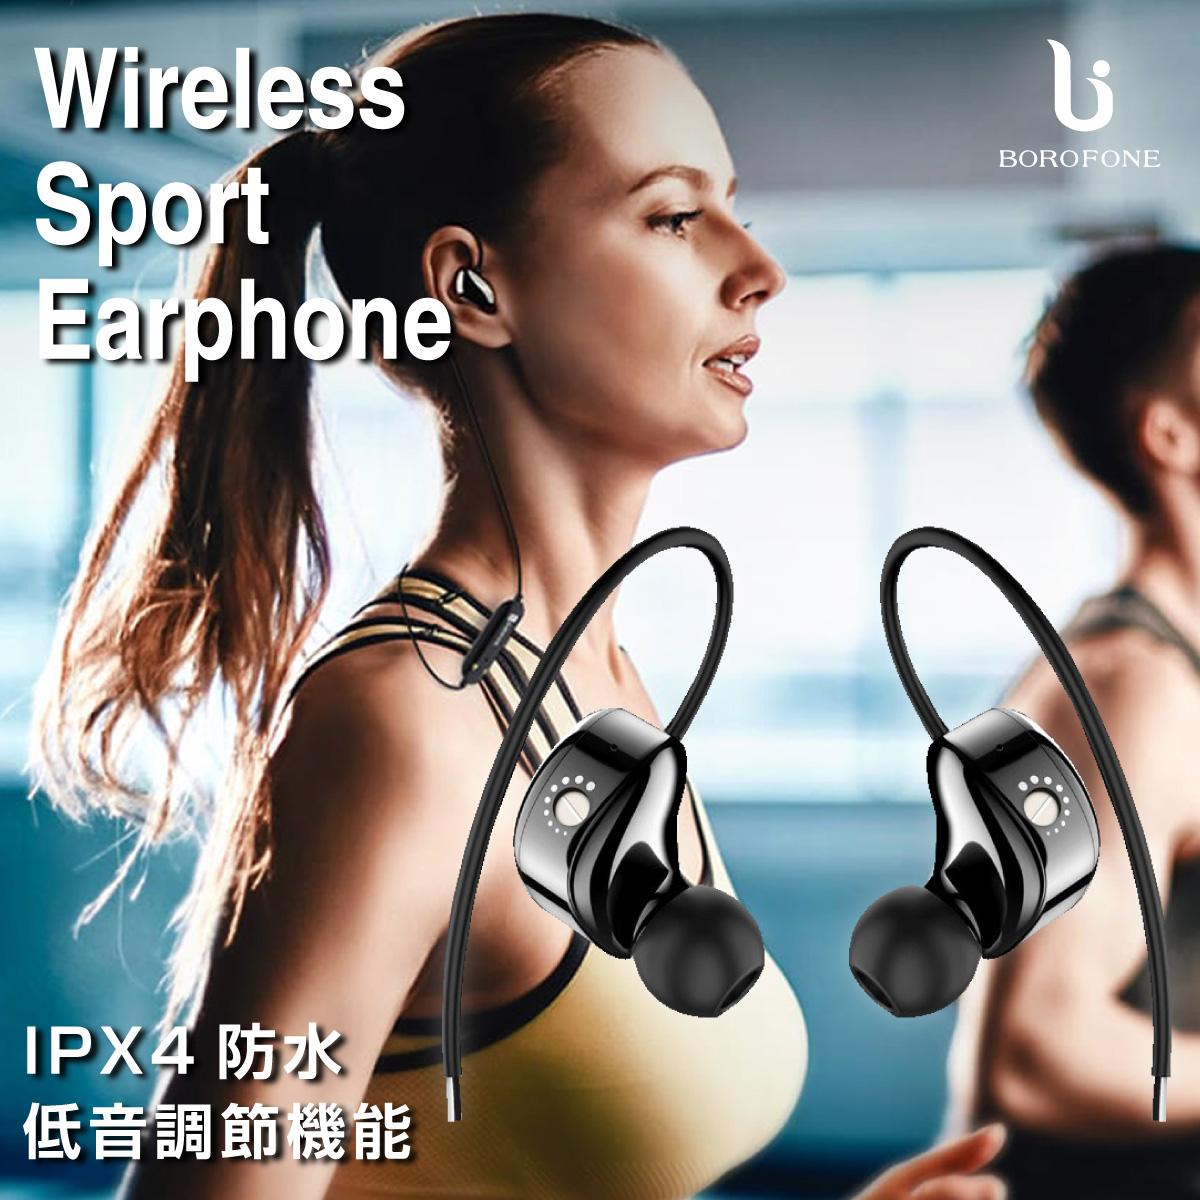 ワイヤレスイヤホン ワイヤレス イヤホン ヘッドセット Bluetooth iphone 両耳 スポーツイヤホン ハンズフリー ワイヤレス イヤホン ランニング 送料無料 ボロフォン BOROFONE borofone-be14